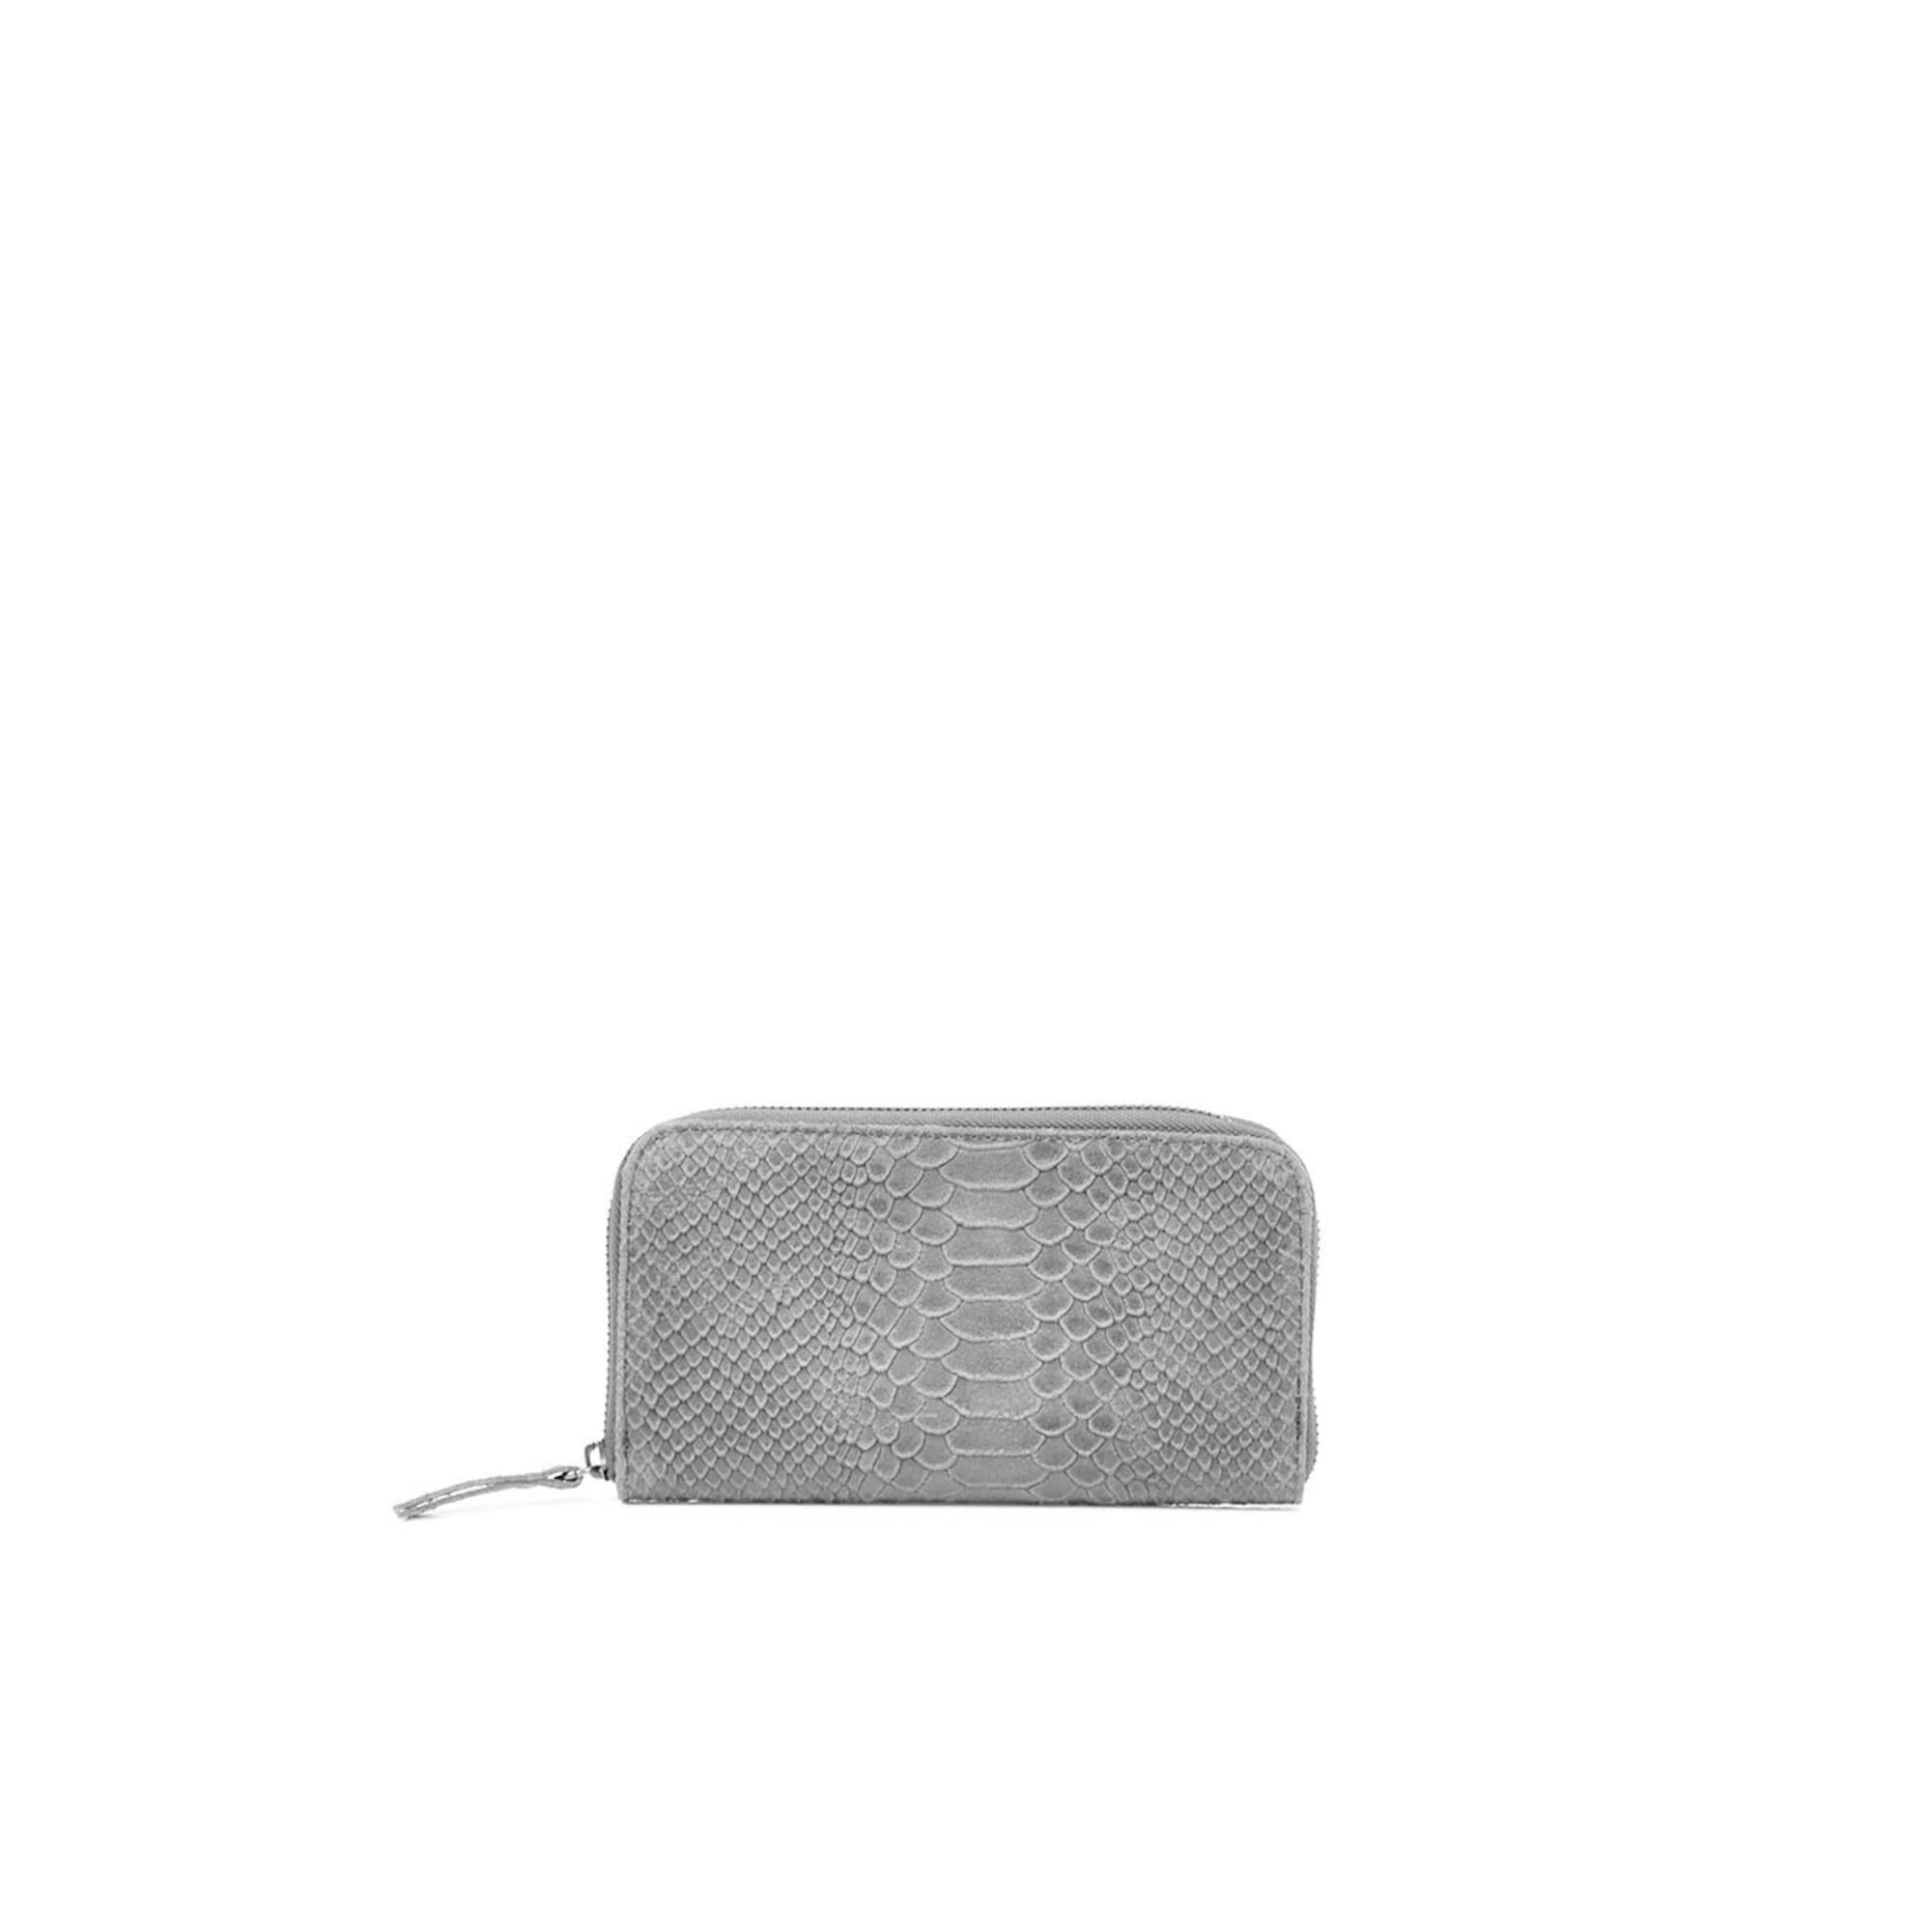 Portefeuille DLM cuir gris